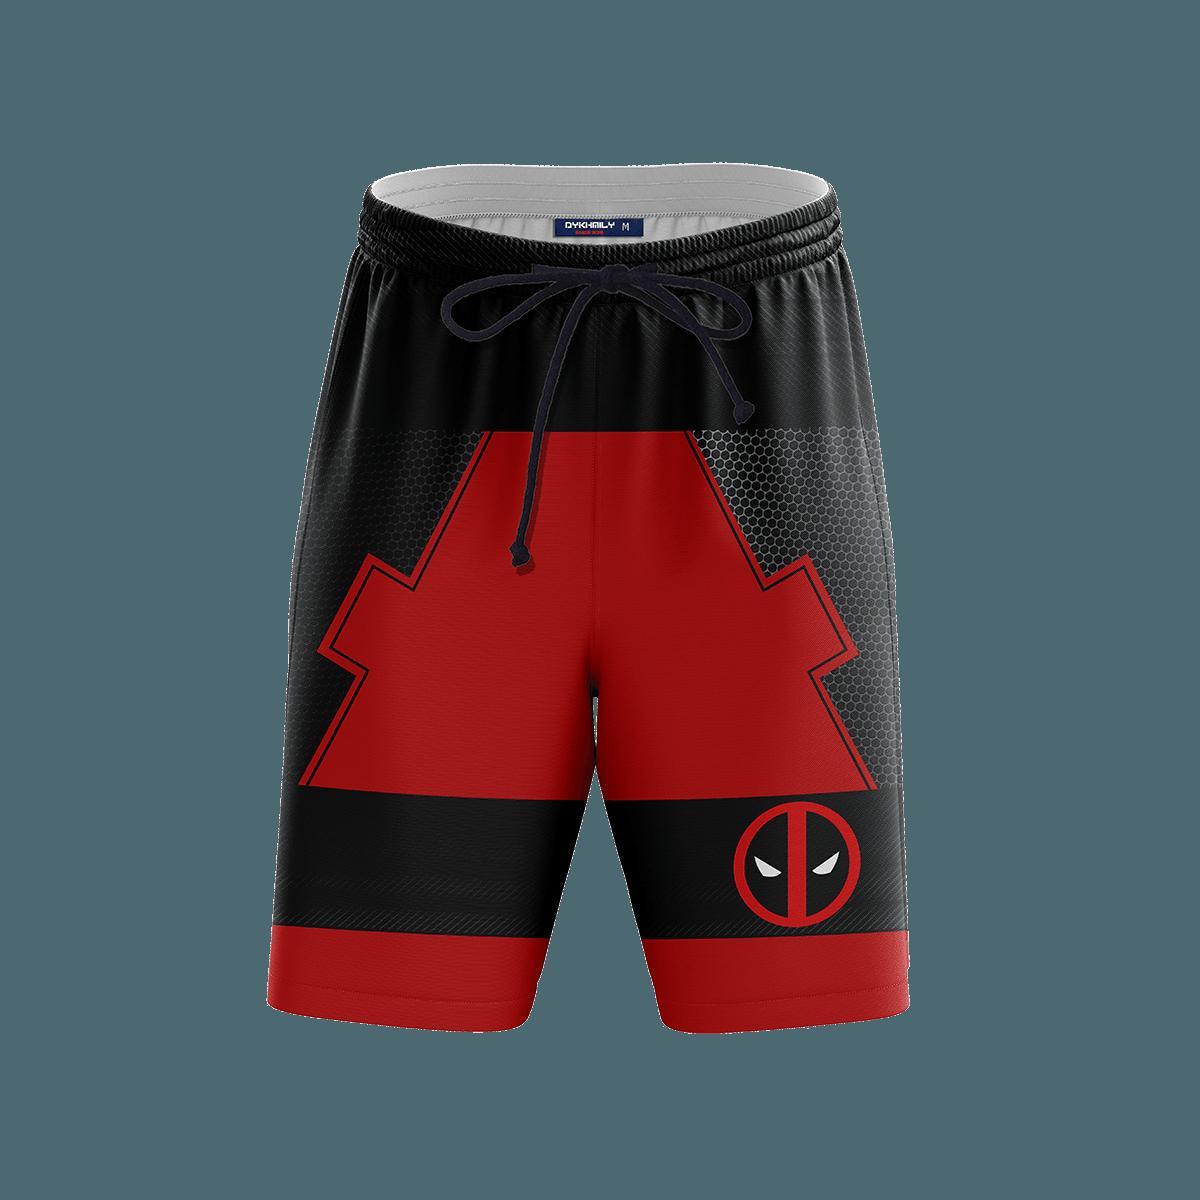 Wilson Beach Shorts FDM3107 S Official Anime Swimsuit Merch